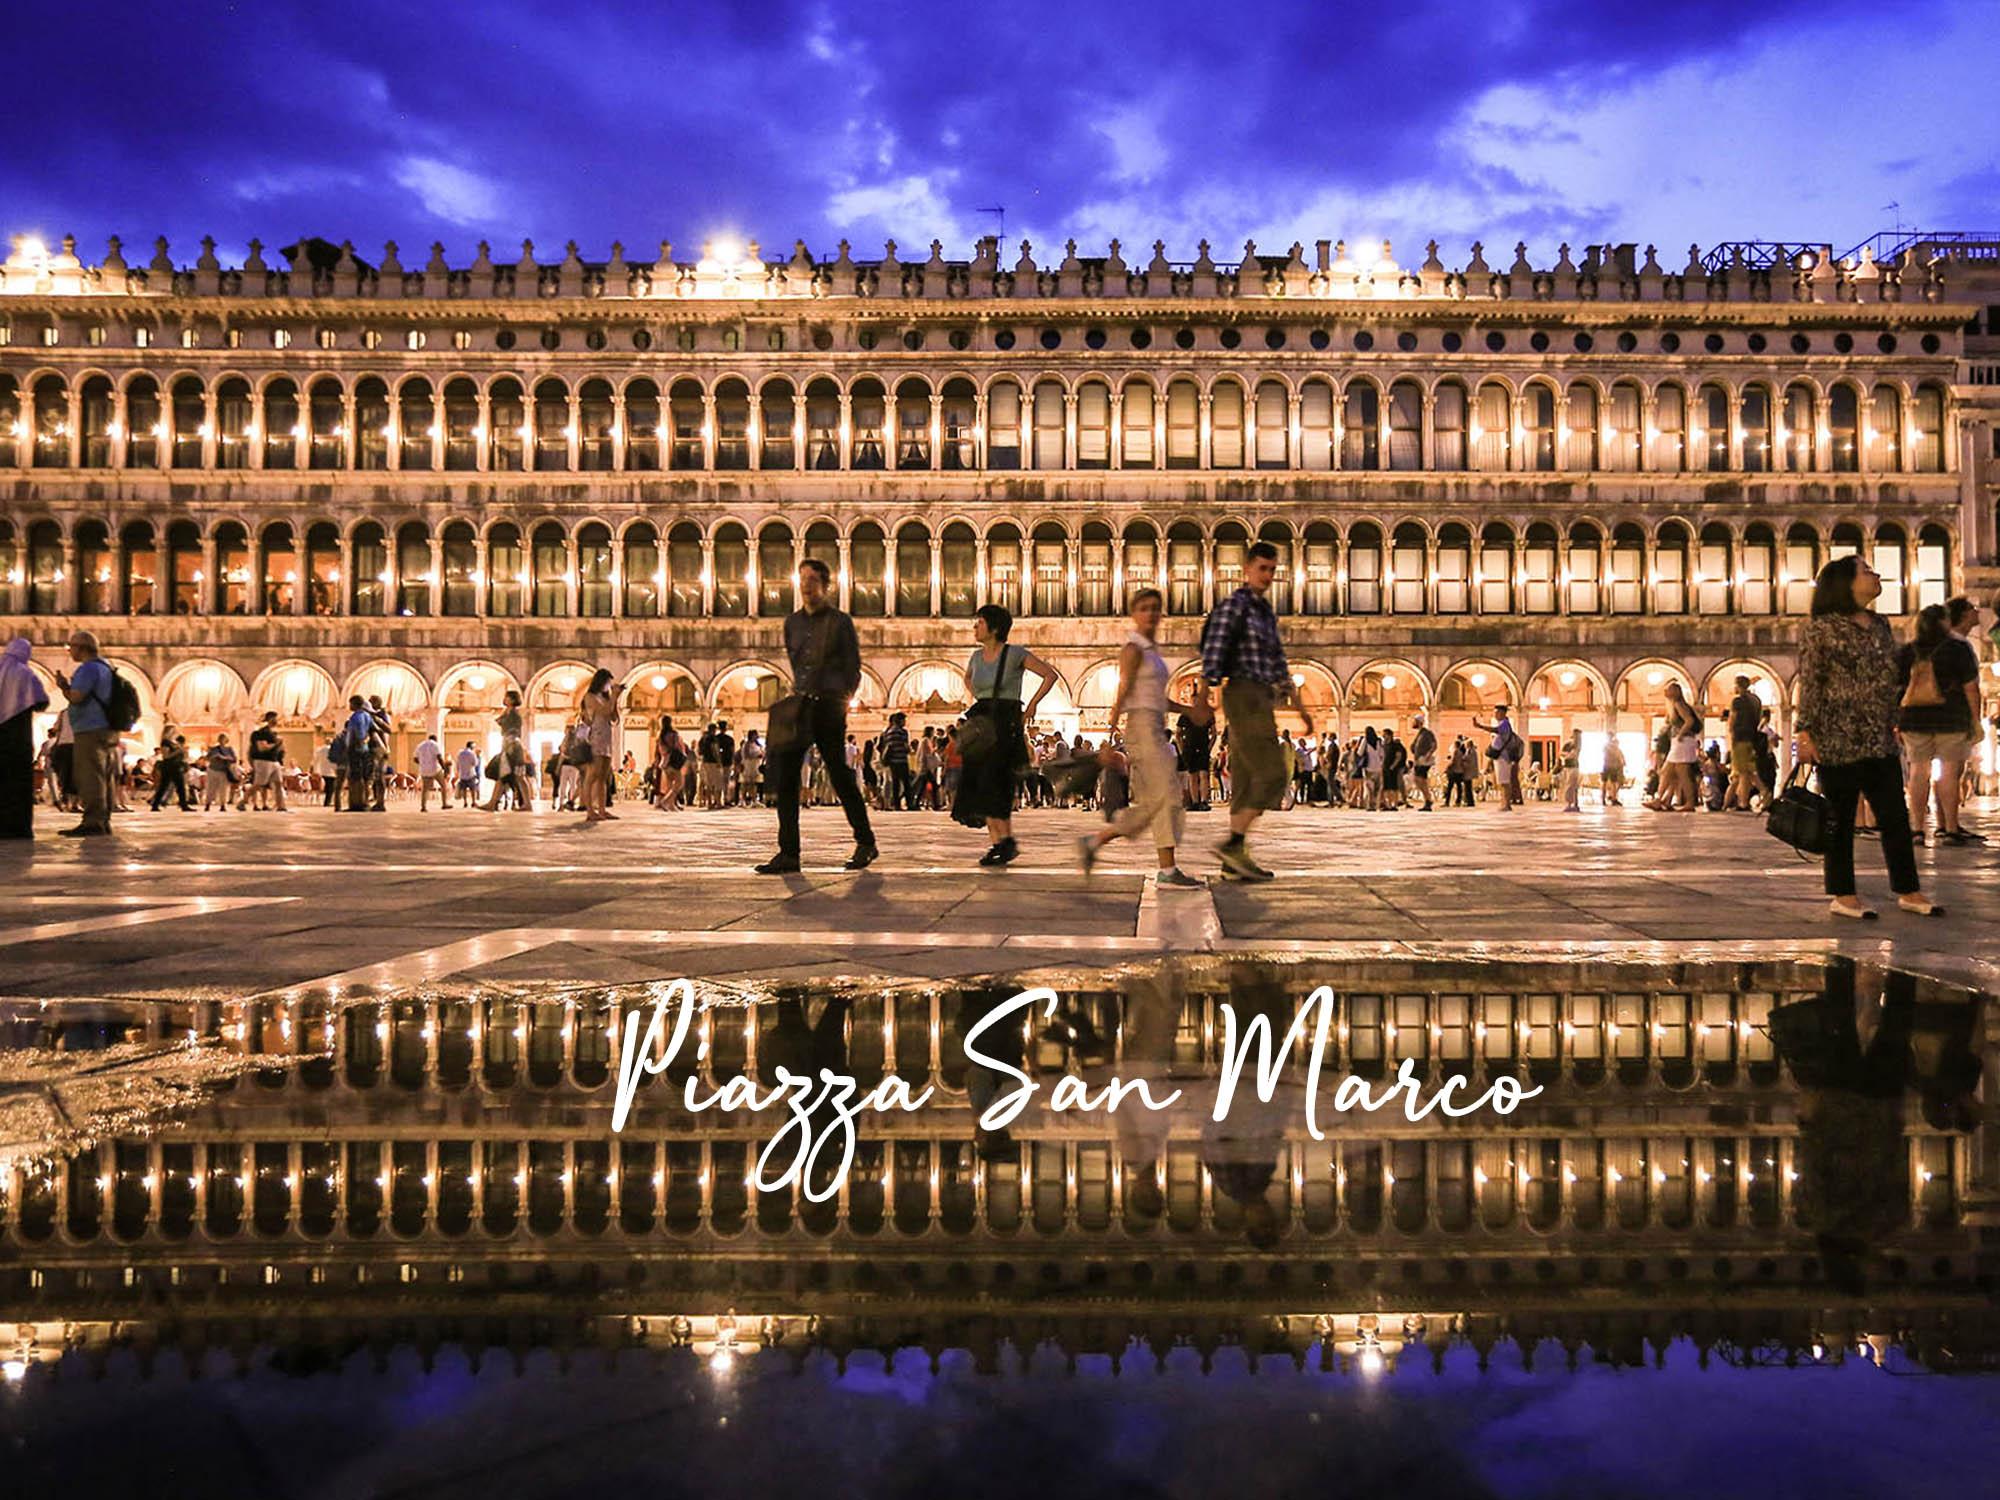 威尼斯|聖馬可廣場,漲潮時的水中倒影簡直神美,浪漫指數破表!